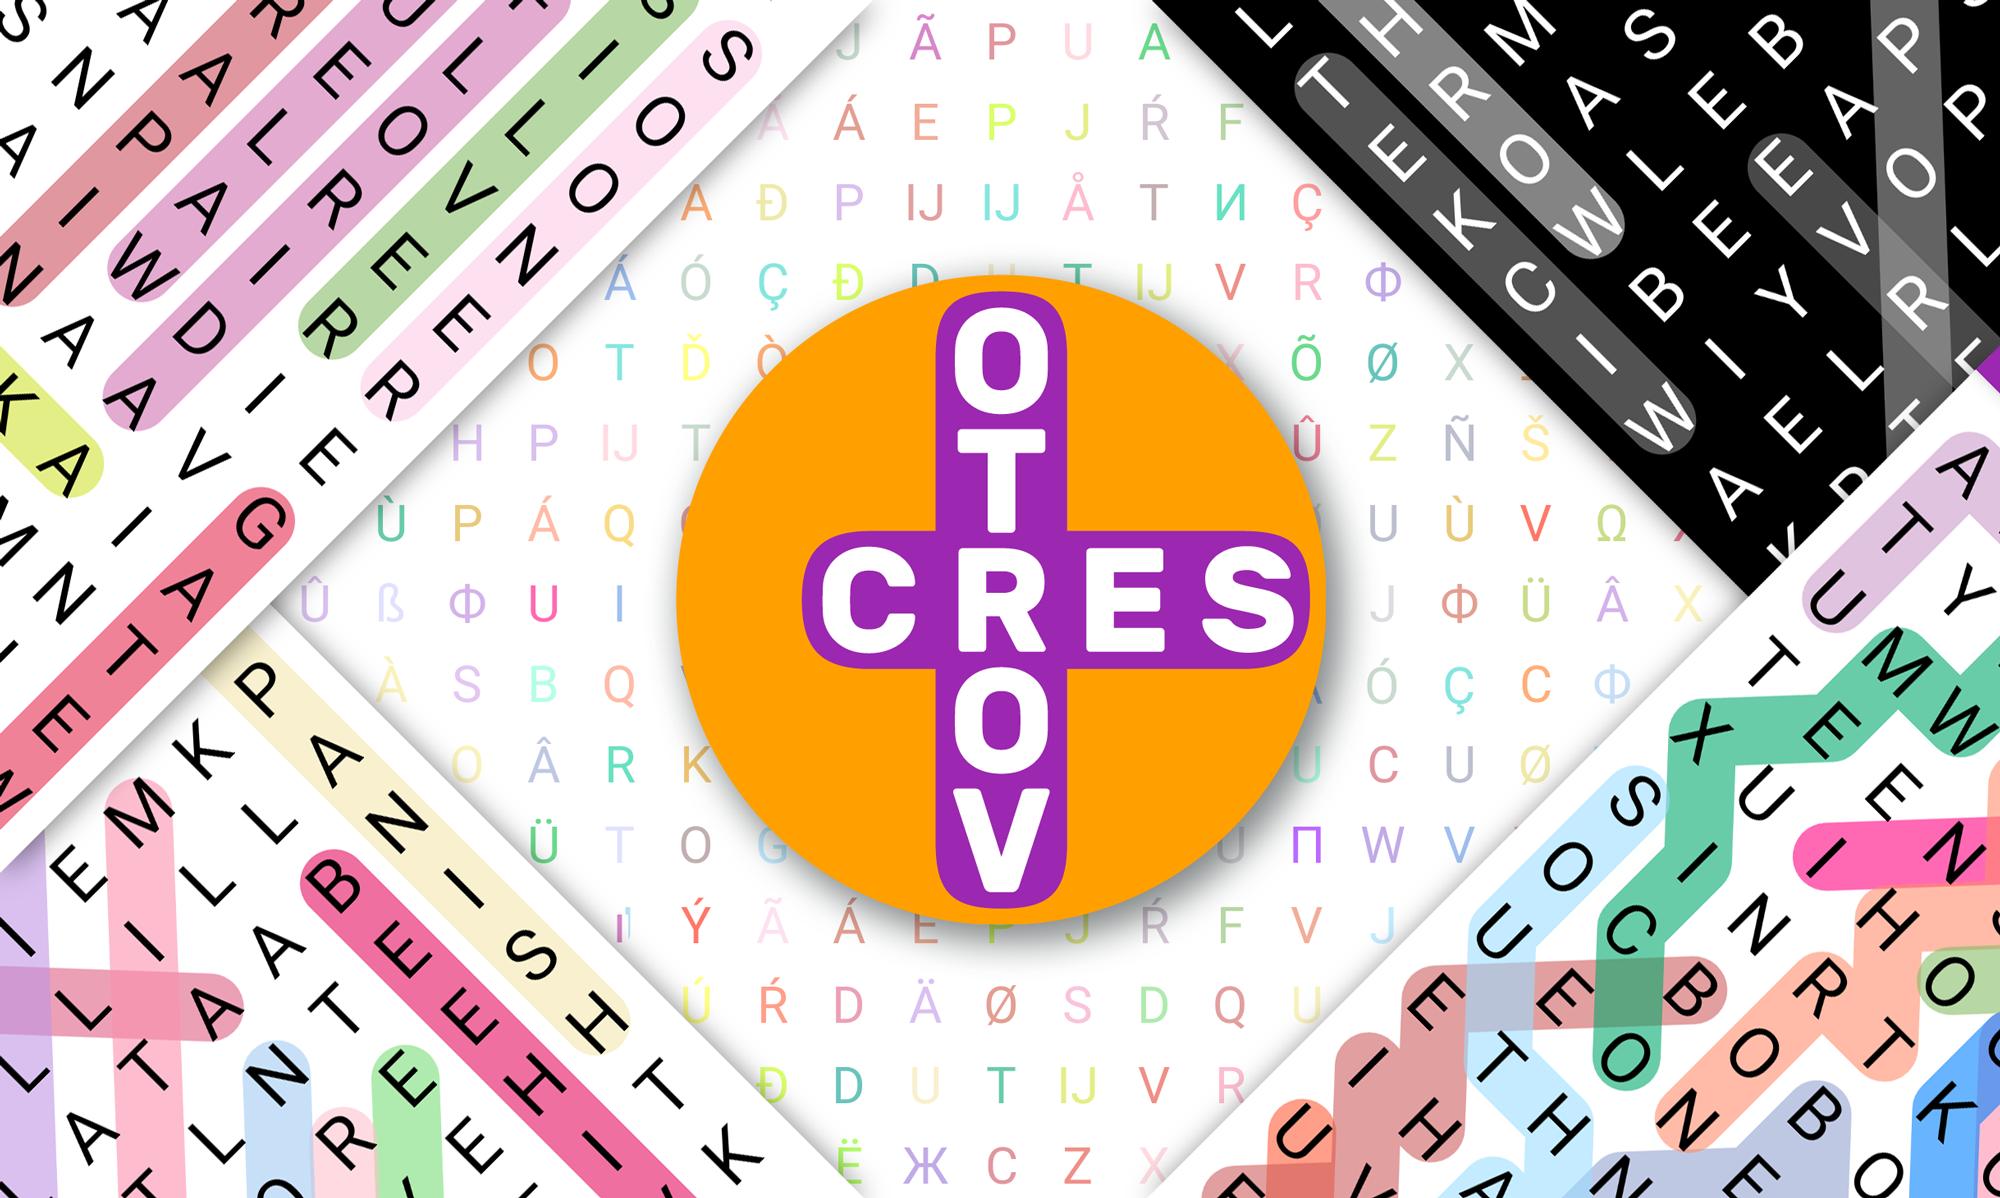 voorbeeld van unieke, ook kronkelende, woordzoekers gemaakt met de Vortoserc app